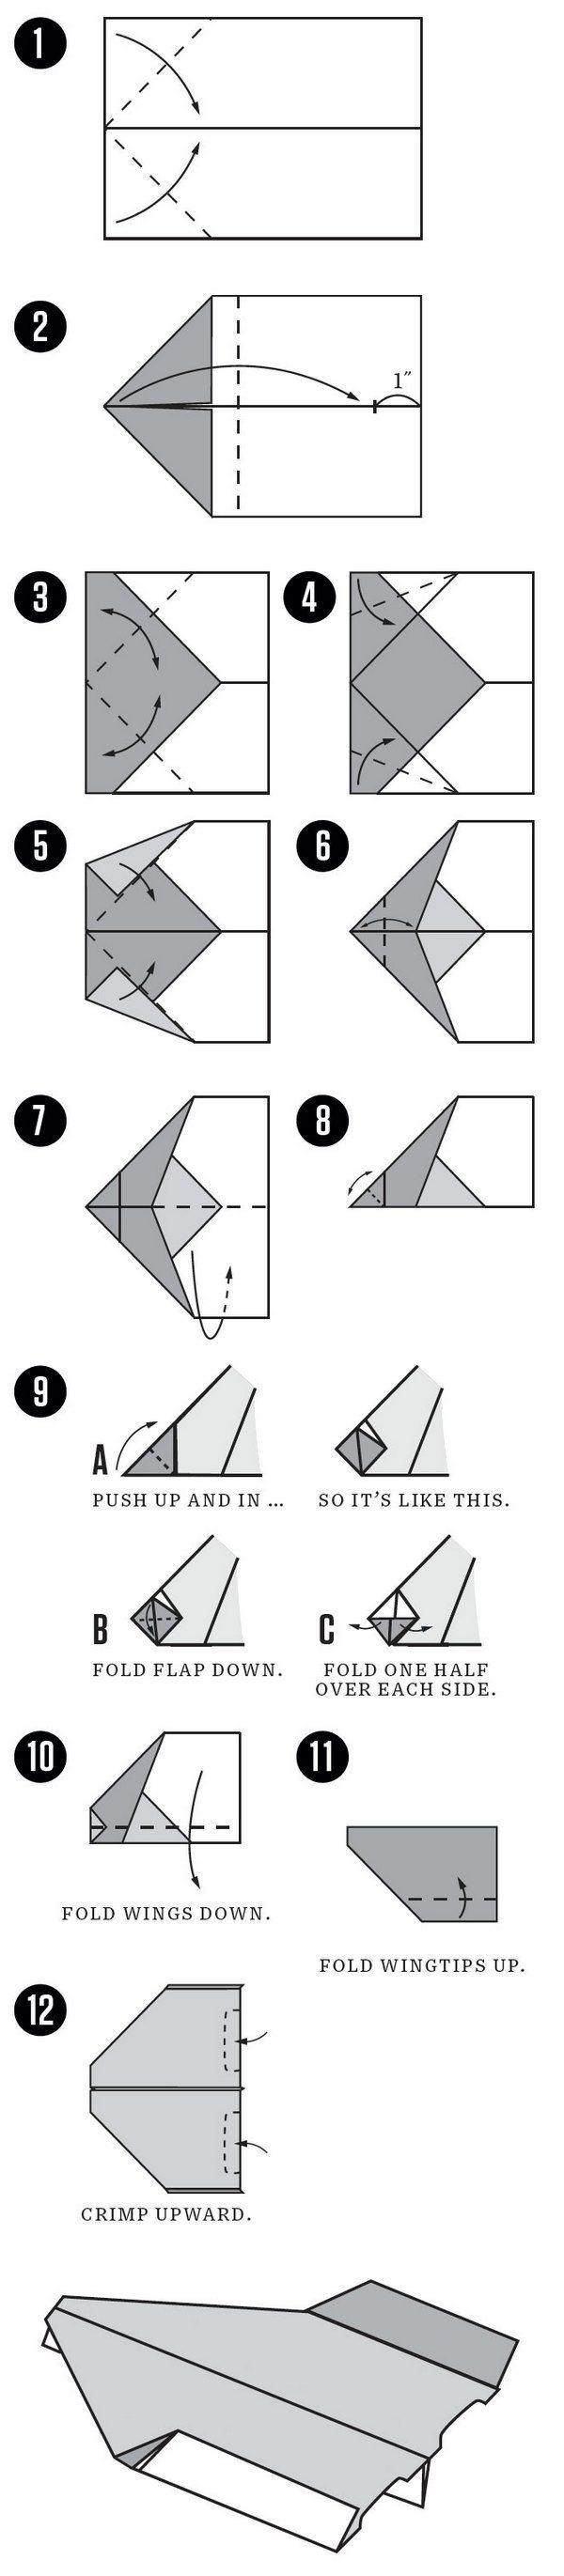 como hacer avion de papel